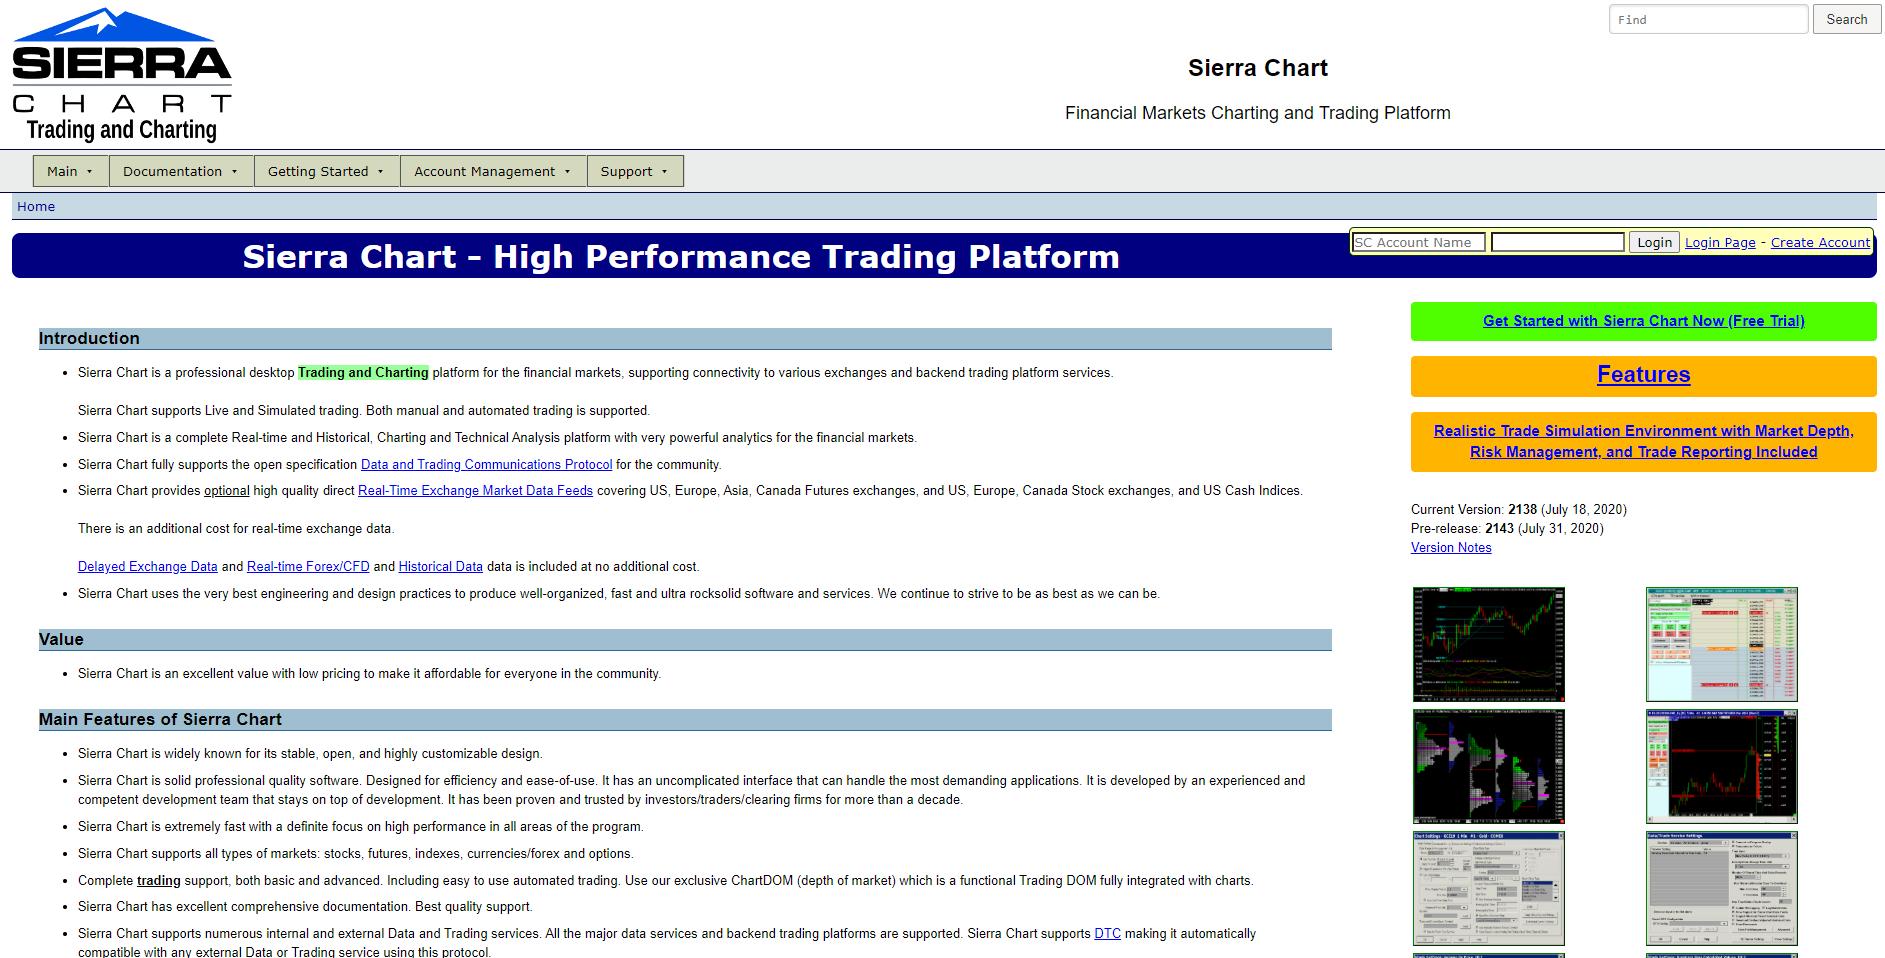 Sierra Chart Webseite